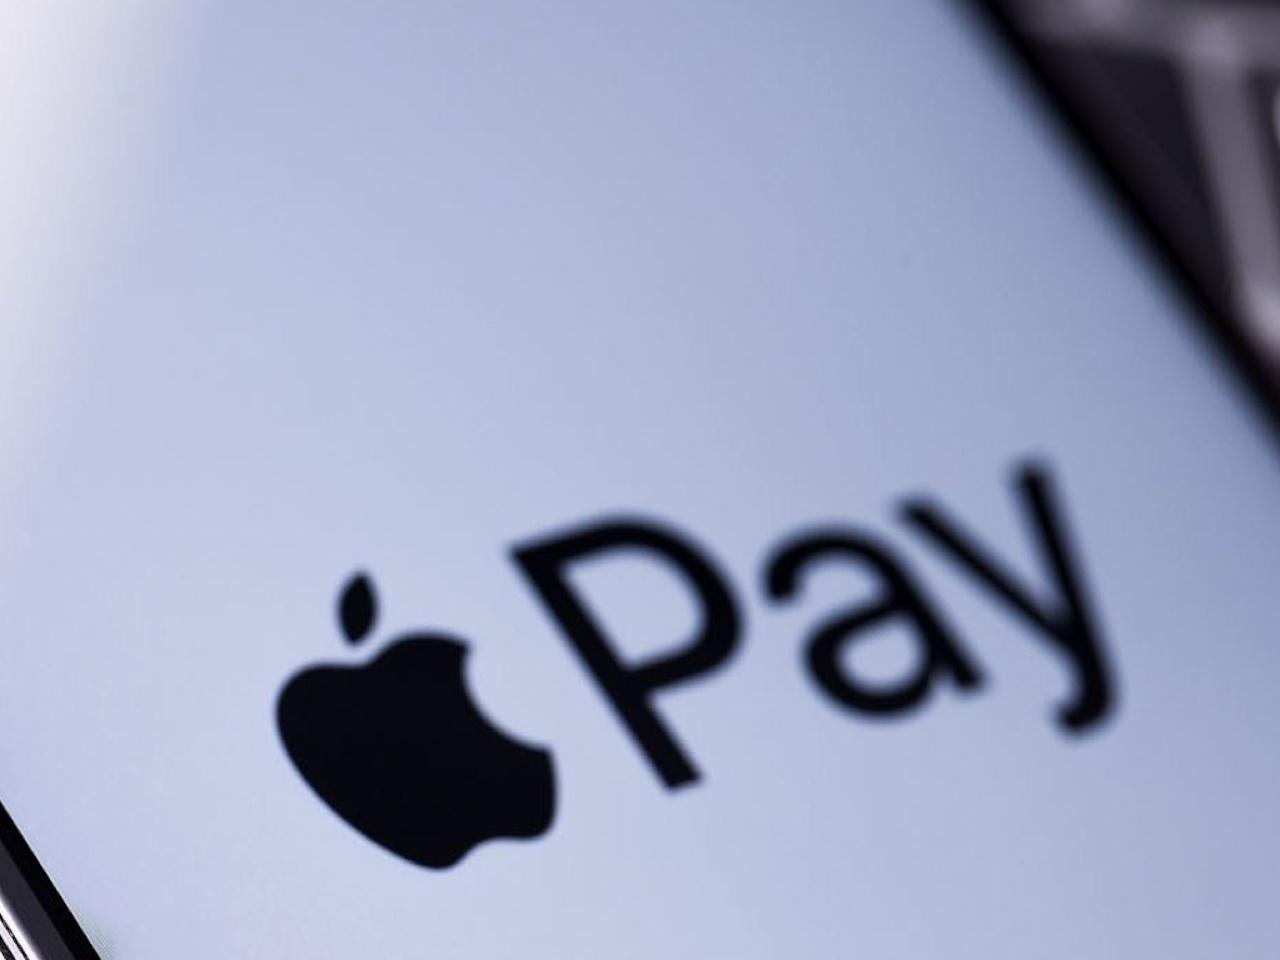 Apple Pay arriverà presto in altri sette paesi europei, tra cui Austria e Portogallo